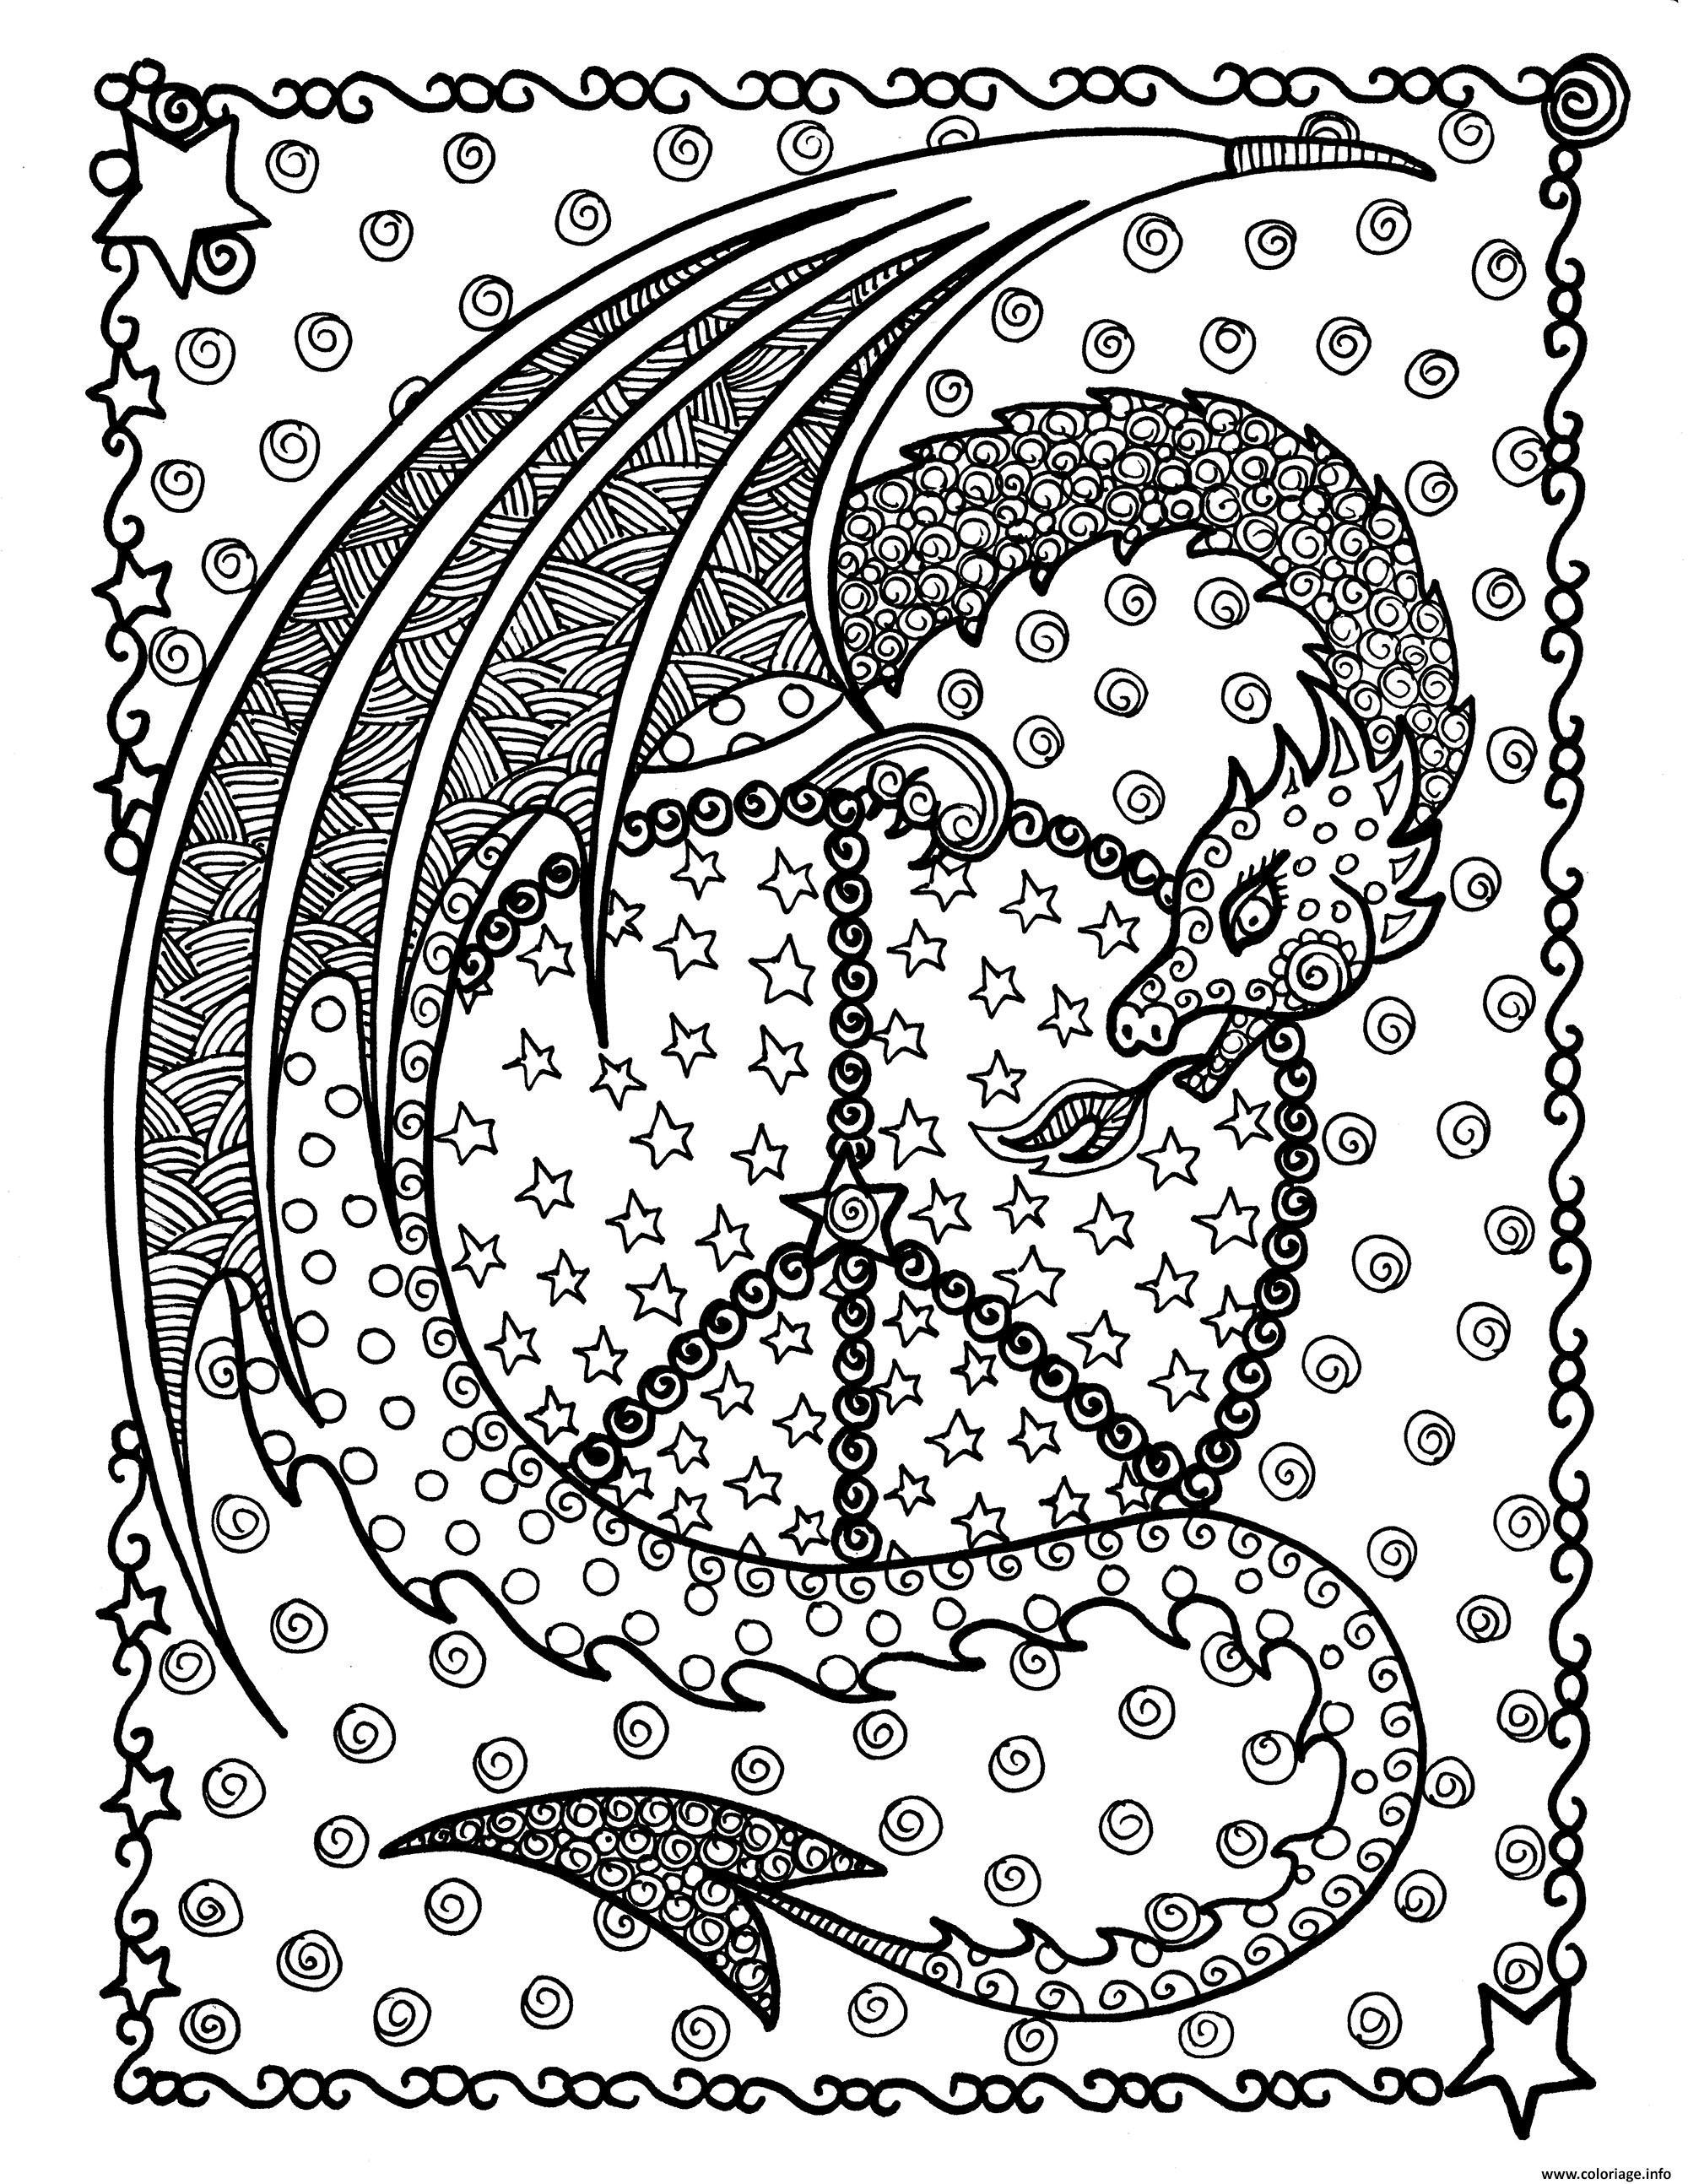 Dessin adulte dragon de la paix par deborah muller Coloriage Gratuit à Imprimer